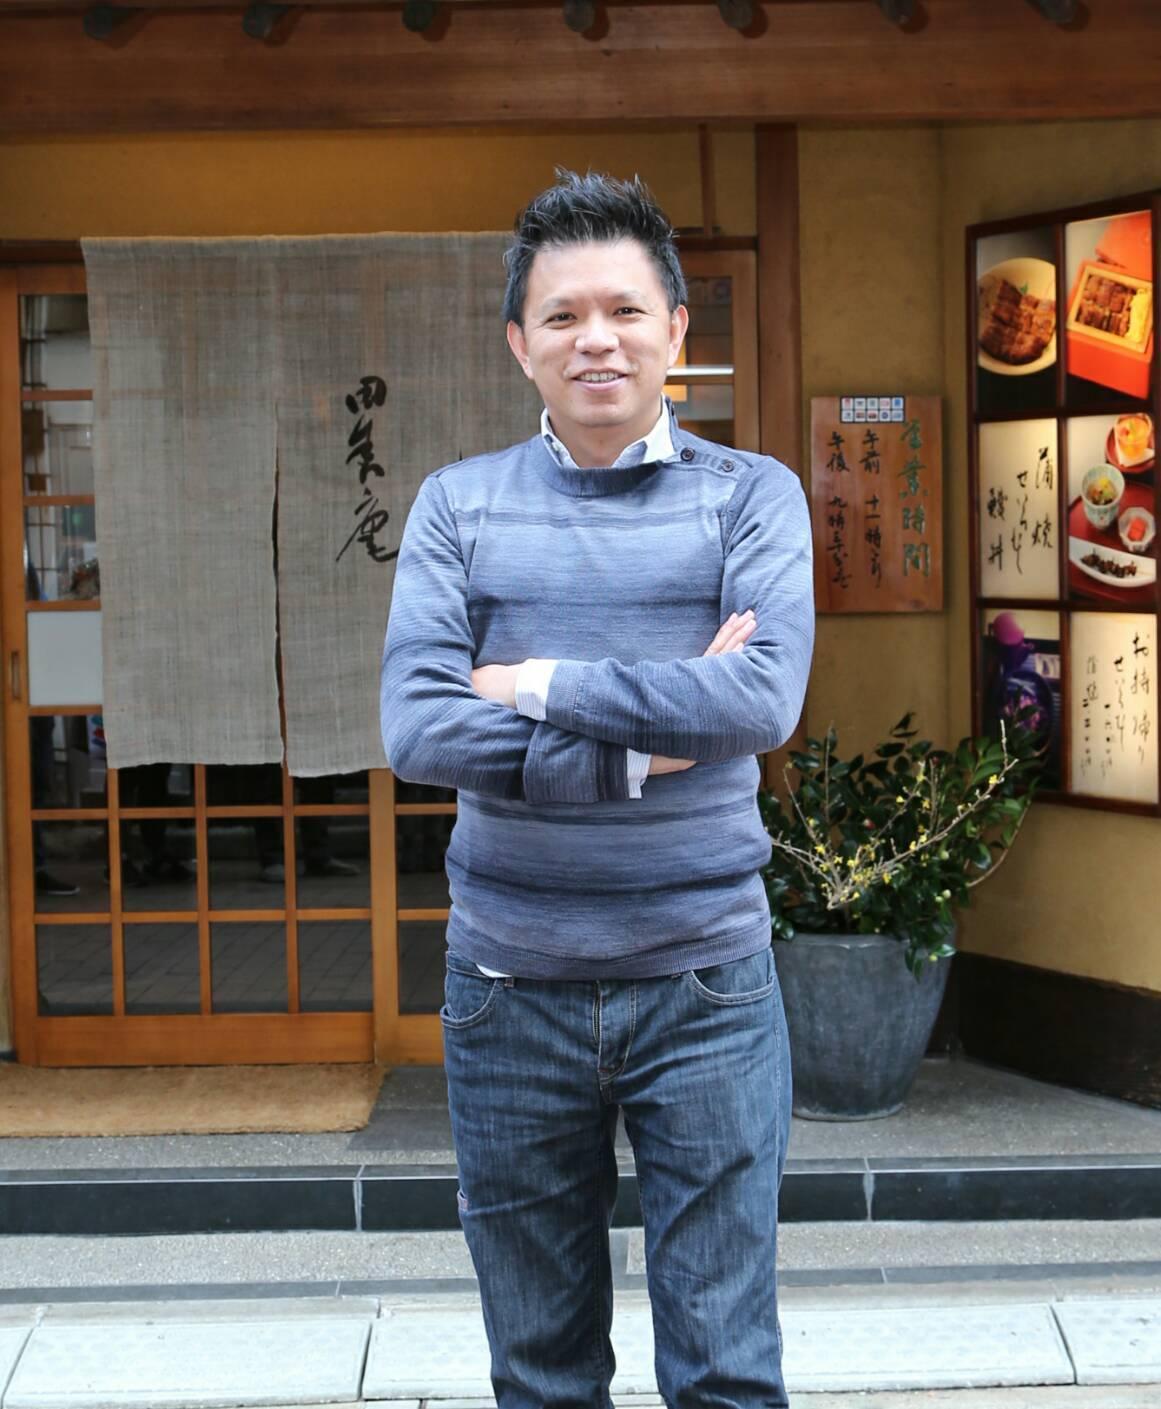 擁有百年歷史的台灣丸莊醬油,將進軍大陸民眾的味蕾,據了解,幕後的操盤手正是現任董...